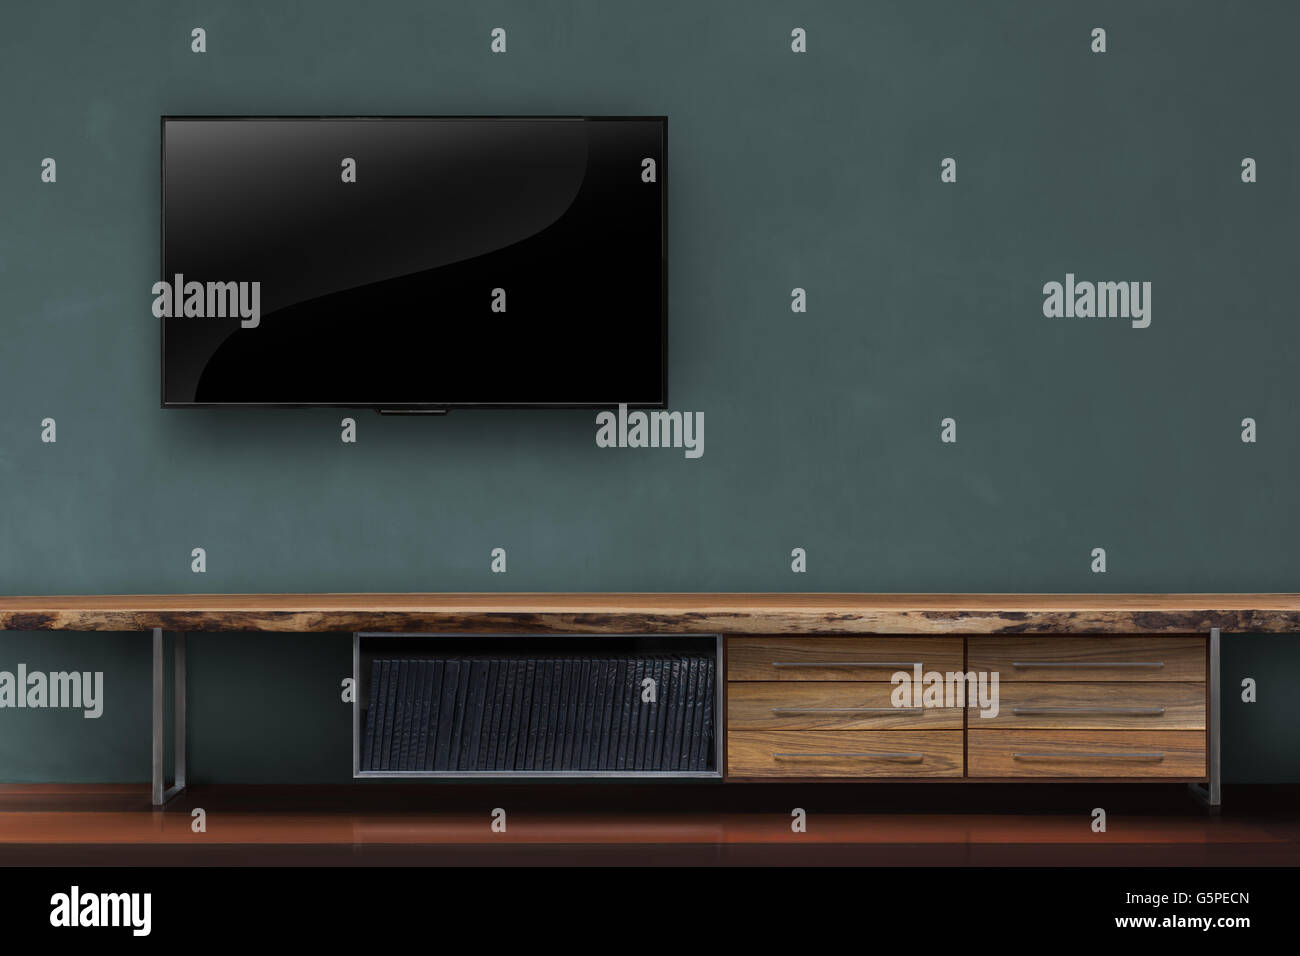 Wohnzimmer Leuchtet Tv Dunkel Grune Wand Mit Holztisch Medien Mobel